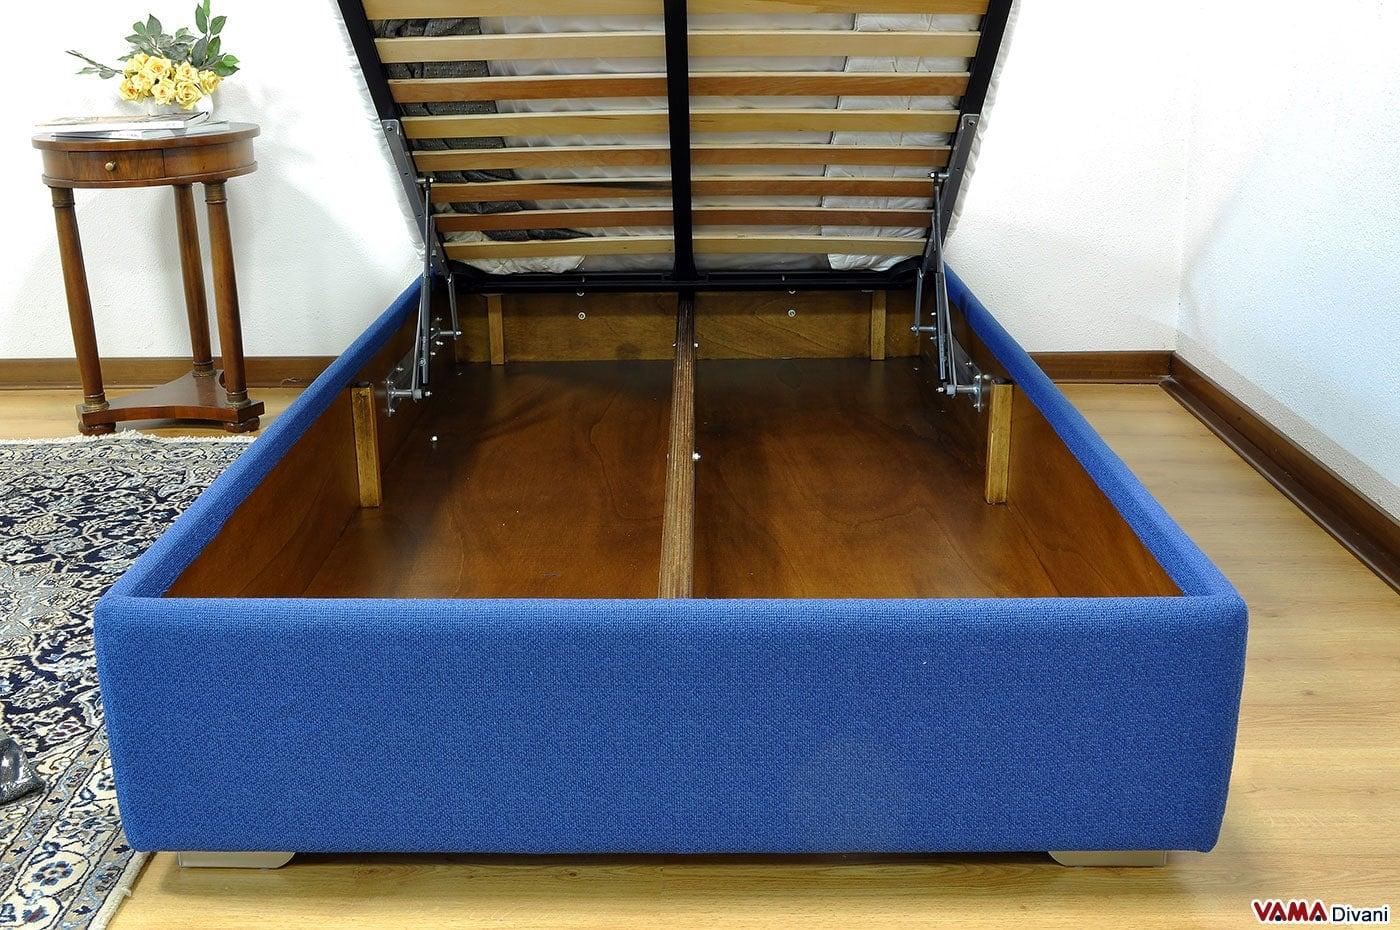 Letto con contenitore alla francese senza spalliera anche su misura - Come costruire un letto contenitore ...